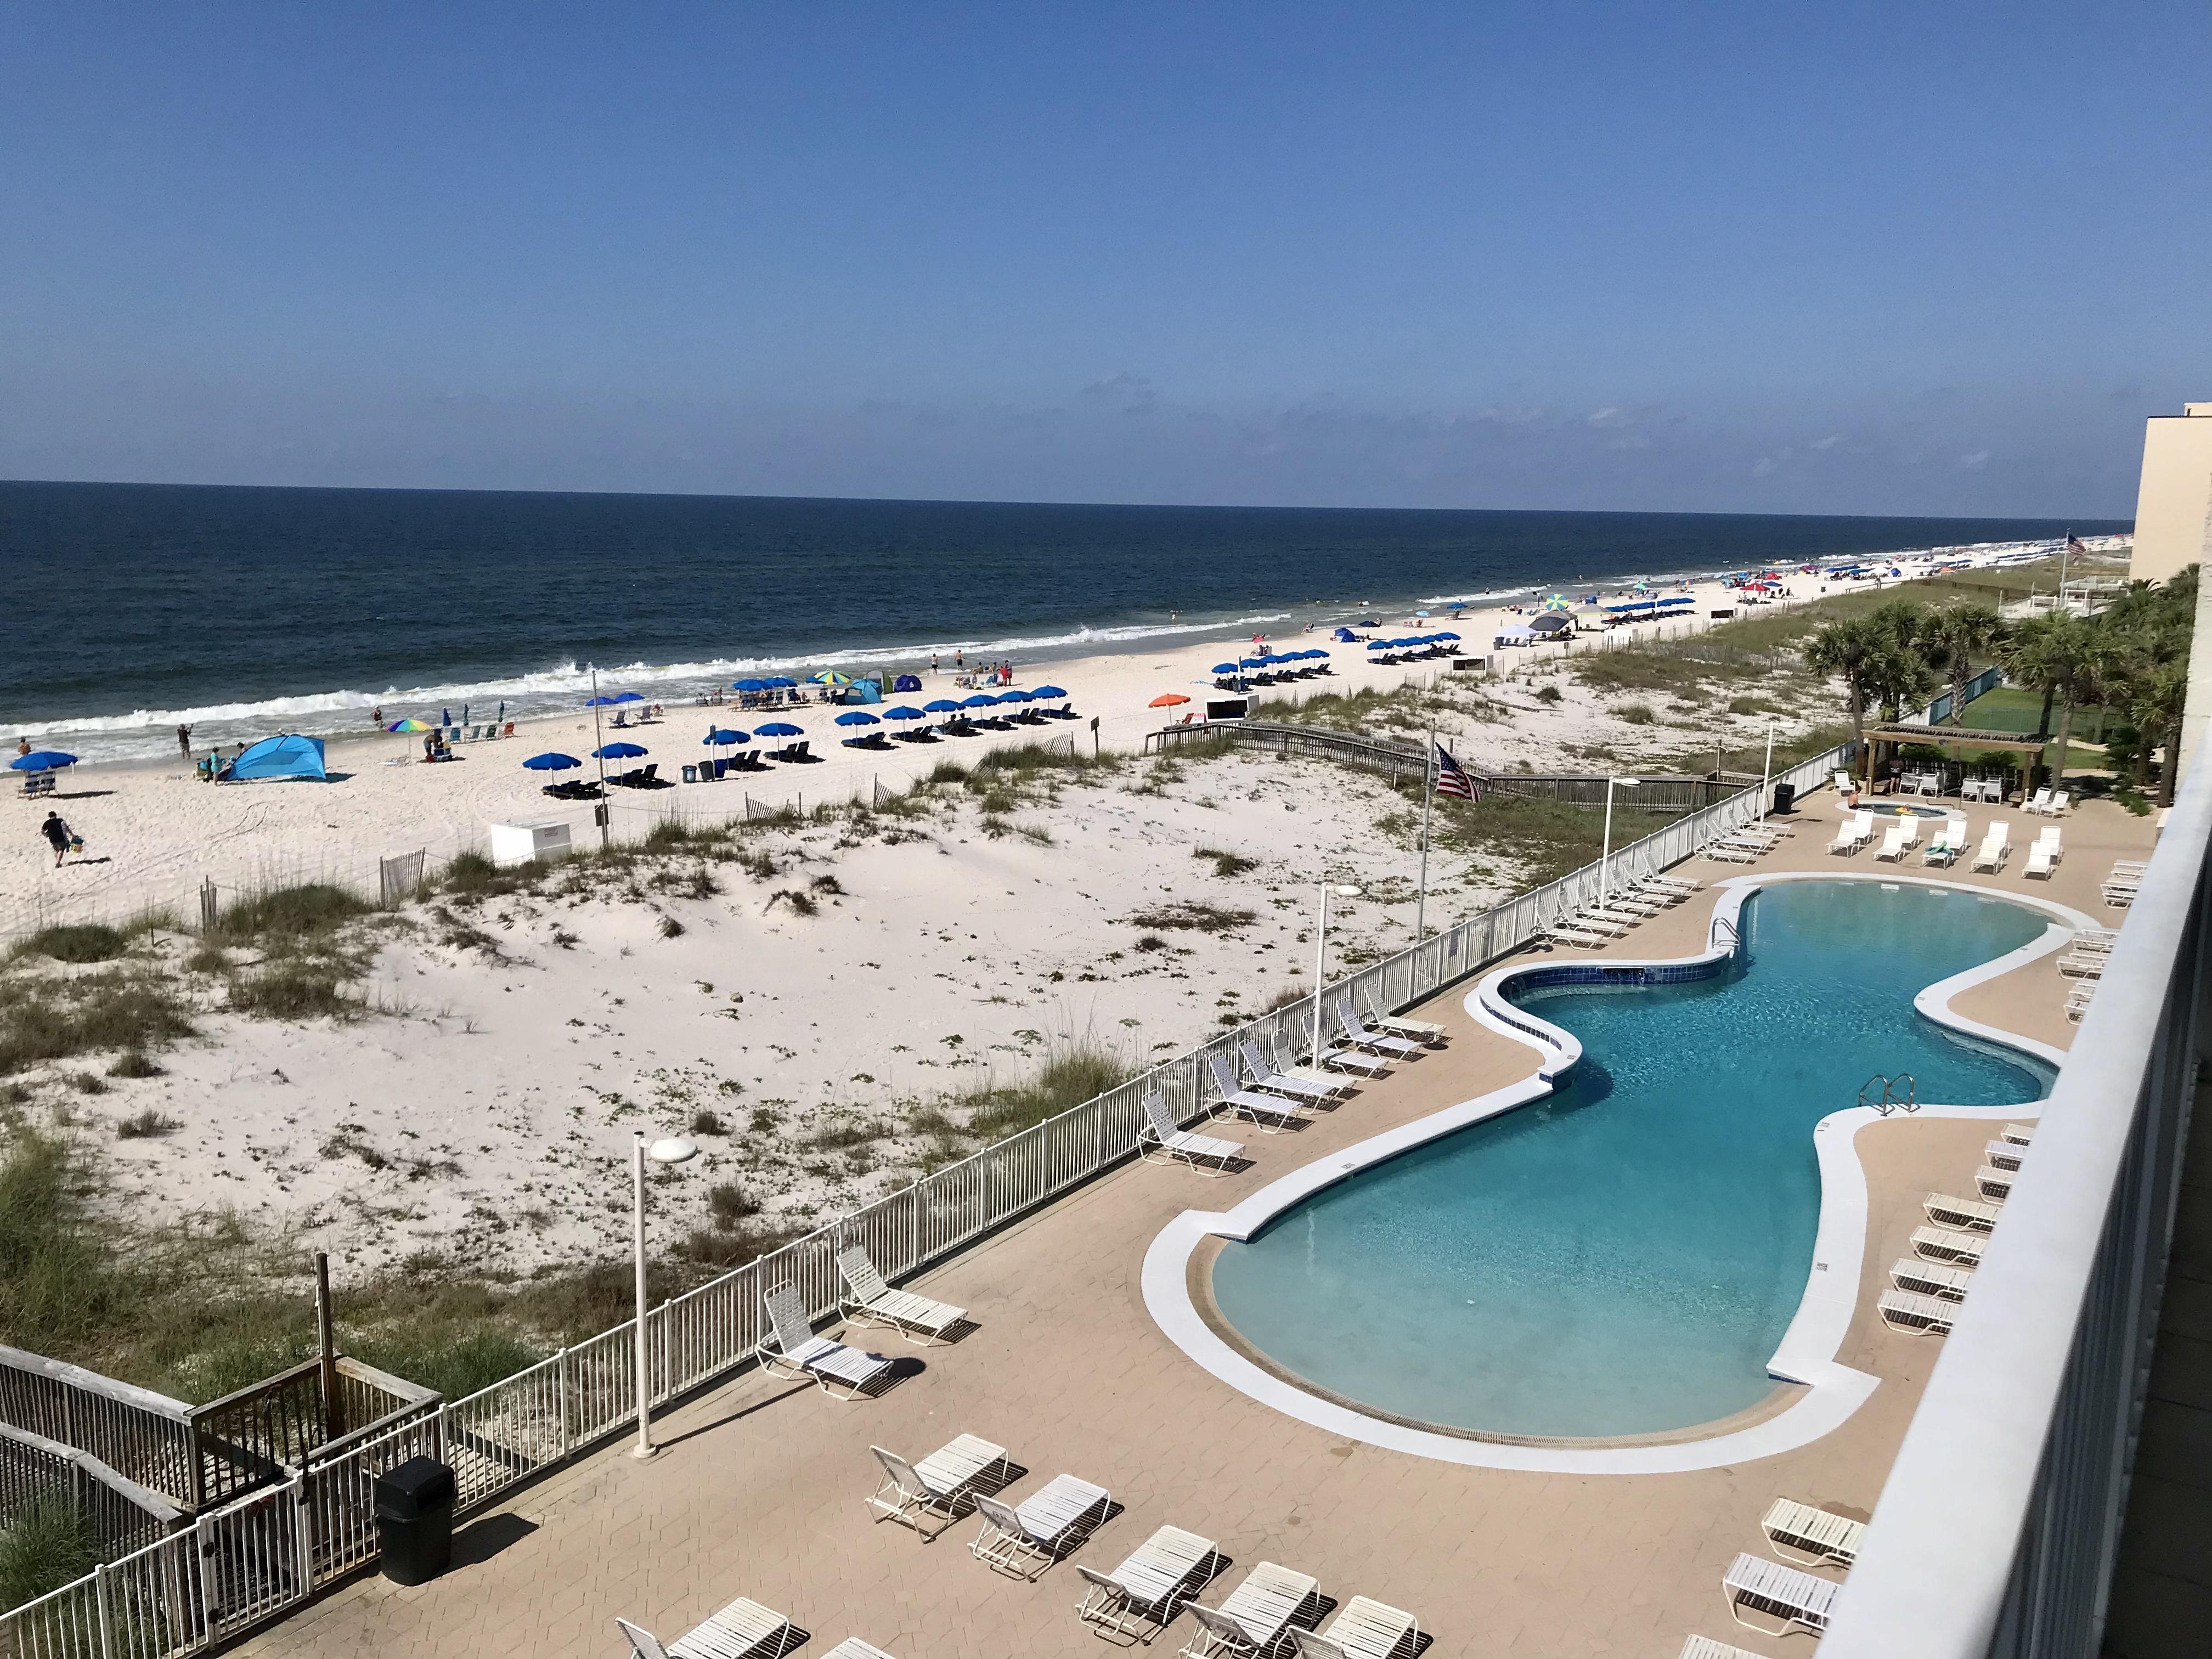 Ocean House 2403 Condo rental in Ocean House - Gulf Shores in Gulf Shores Alabama - #40